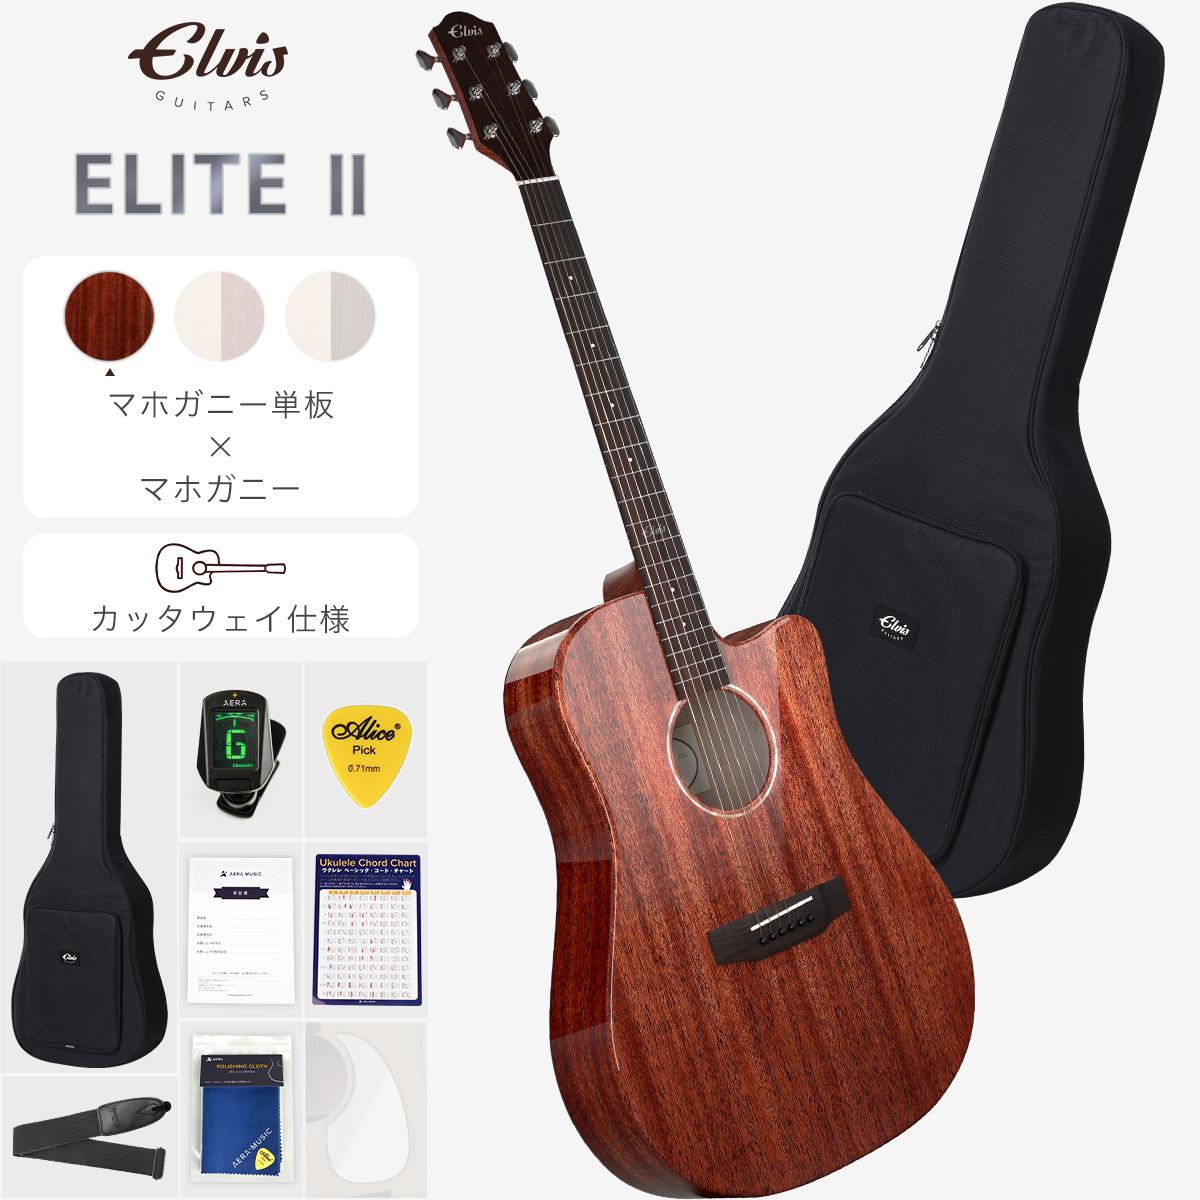 【今だけ10%OFF!】ELVISエルビス Elite2(エリート2)アコースティック ギター【マホガニー材トップ単板】【カッタウェイ仕様】【付属品8点セット:国内保証書・チューナー・ピックガード・コードチャート・ピック・ストラップ・ポリシングクロース・純正ギグバッグ】